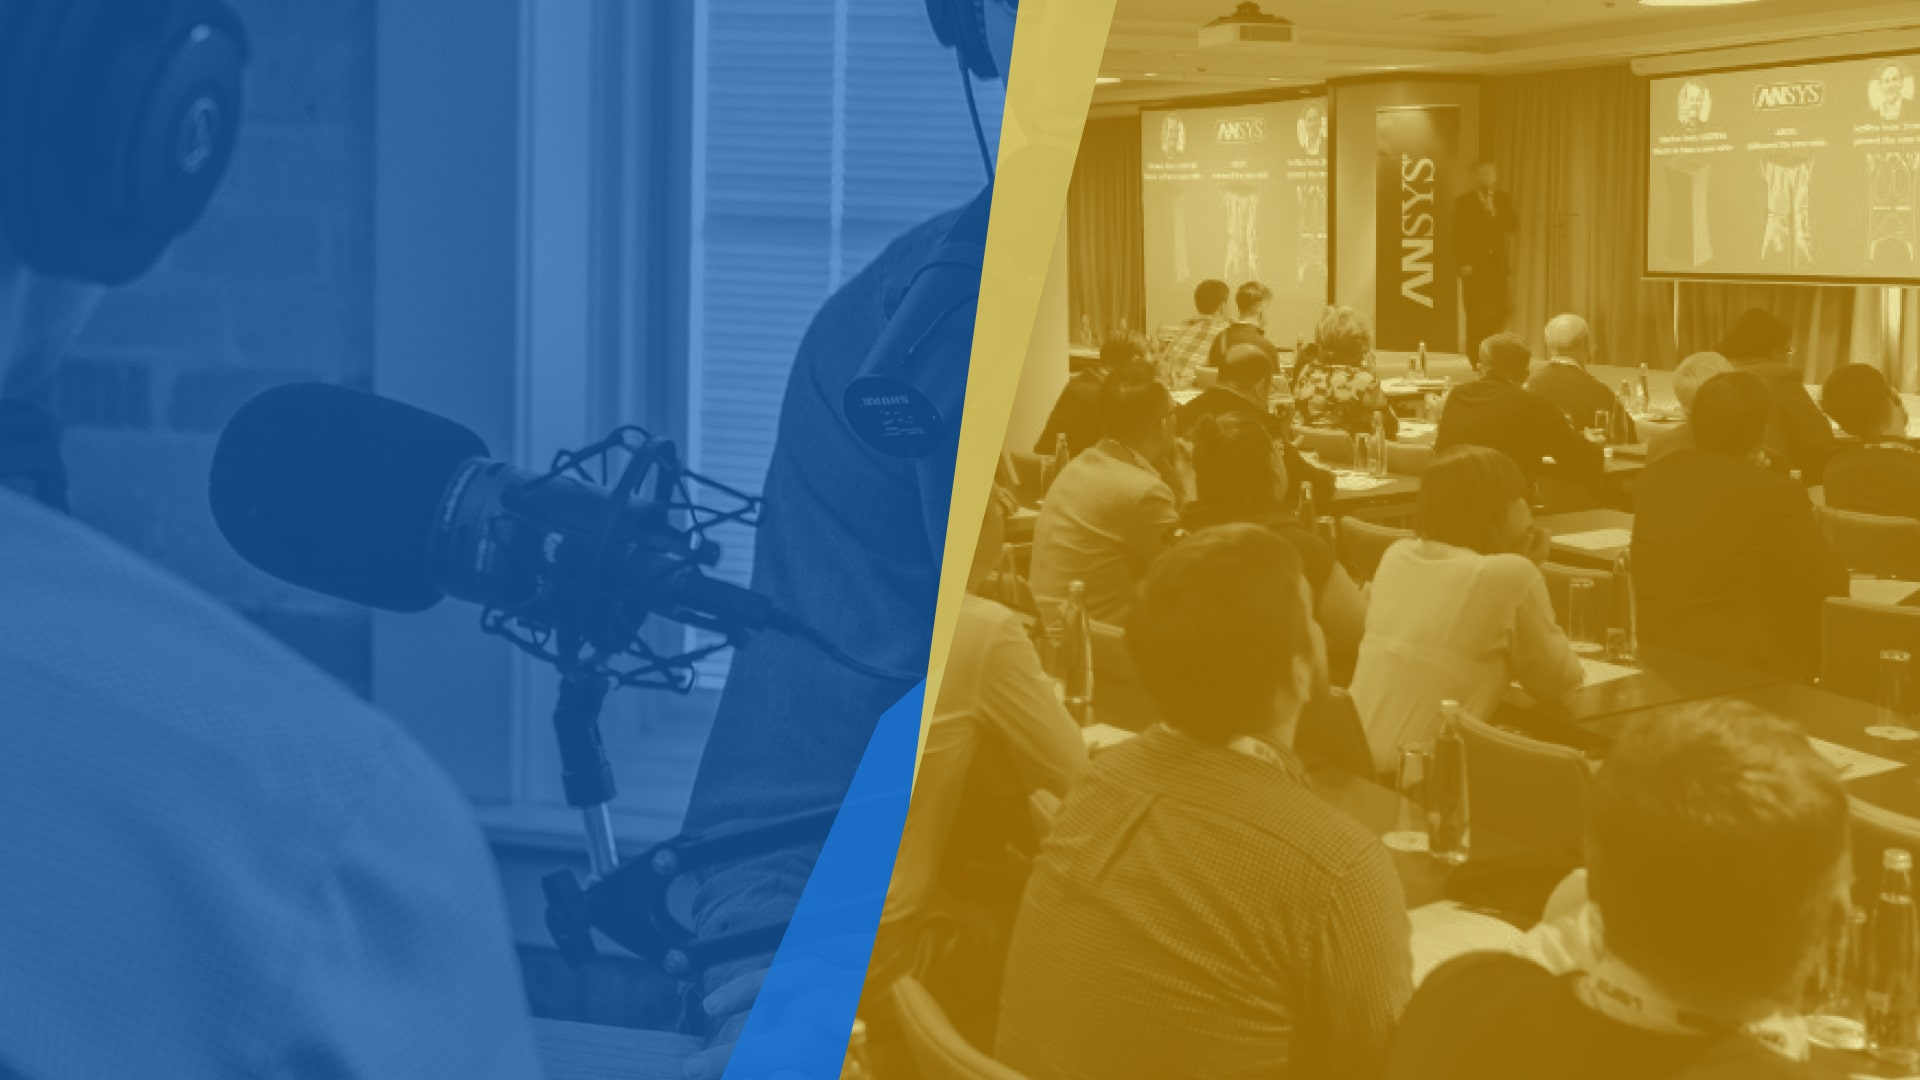 100 докладов о возможностях Ansys и партнеров КАДФЕМ, виртуальные мастер-классы и цифровые двойники: что ждет участников конференции CADFEM/Ansys